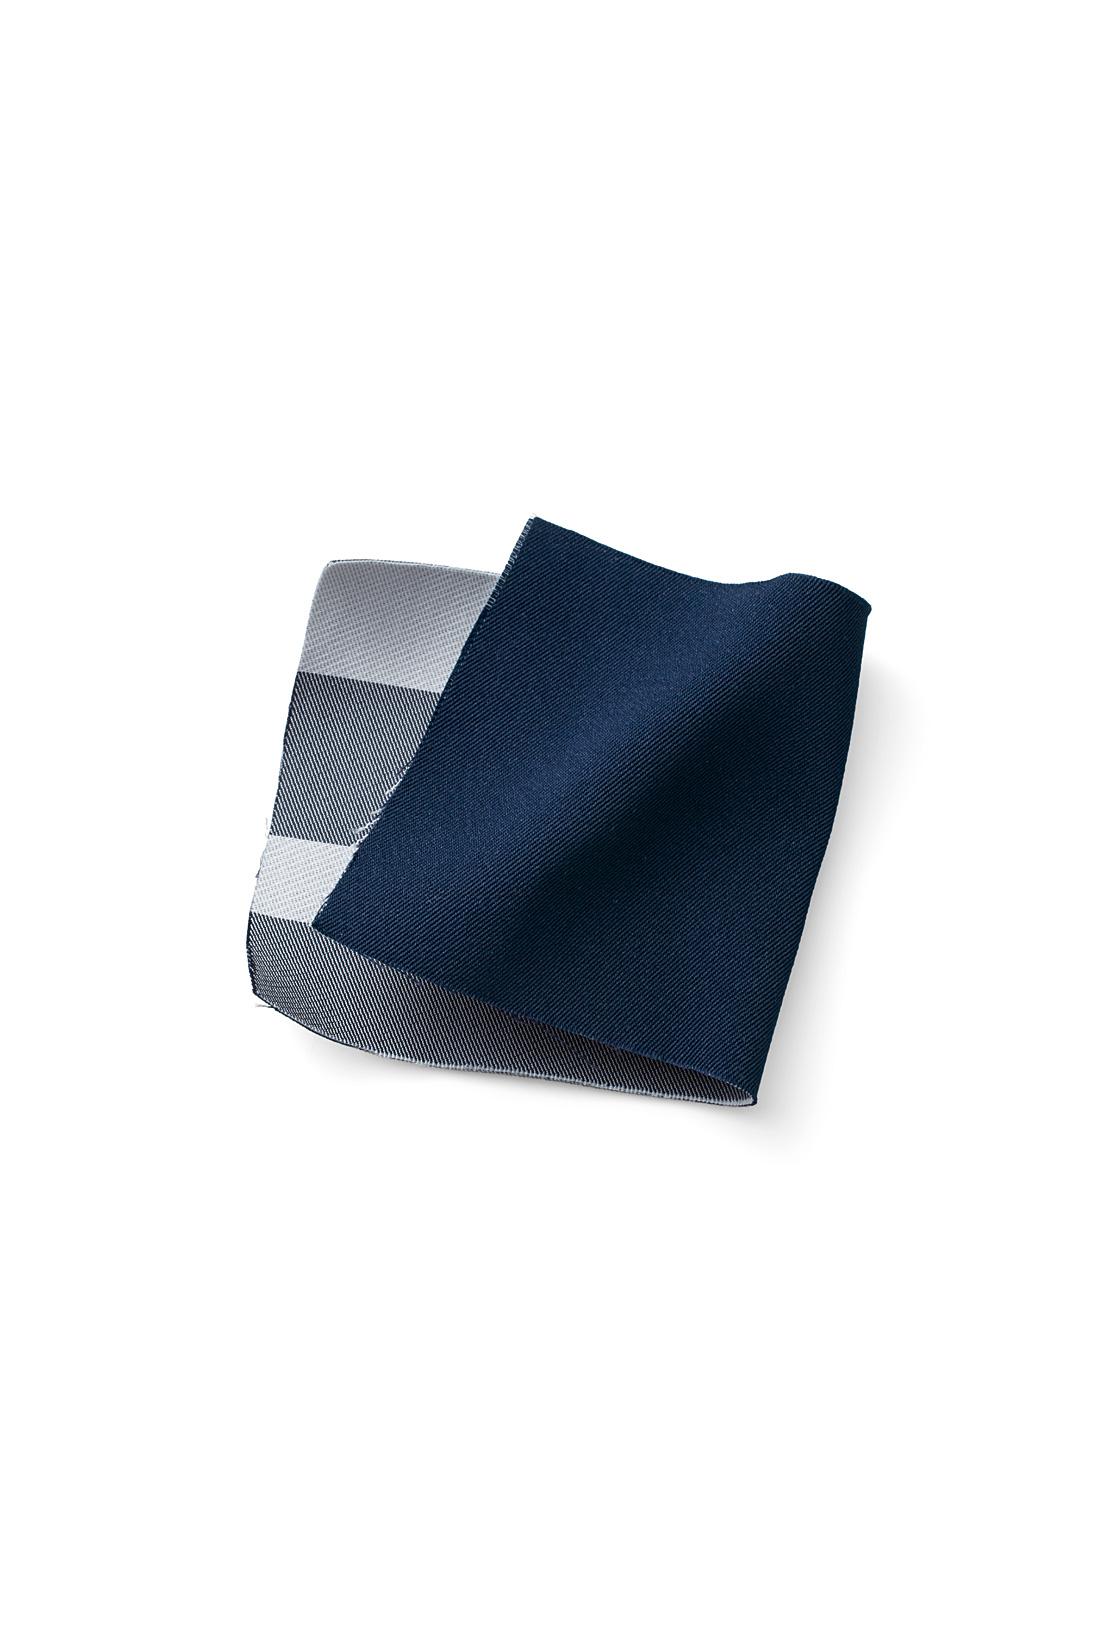 素材にもこだわって、整えれば気にならない「メモリータッチ素材」を採用。先染めでリバーシブルに仕立てた一枚仕立てなので、ごわつかずスッキリ。